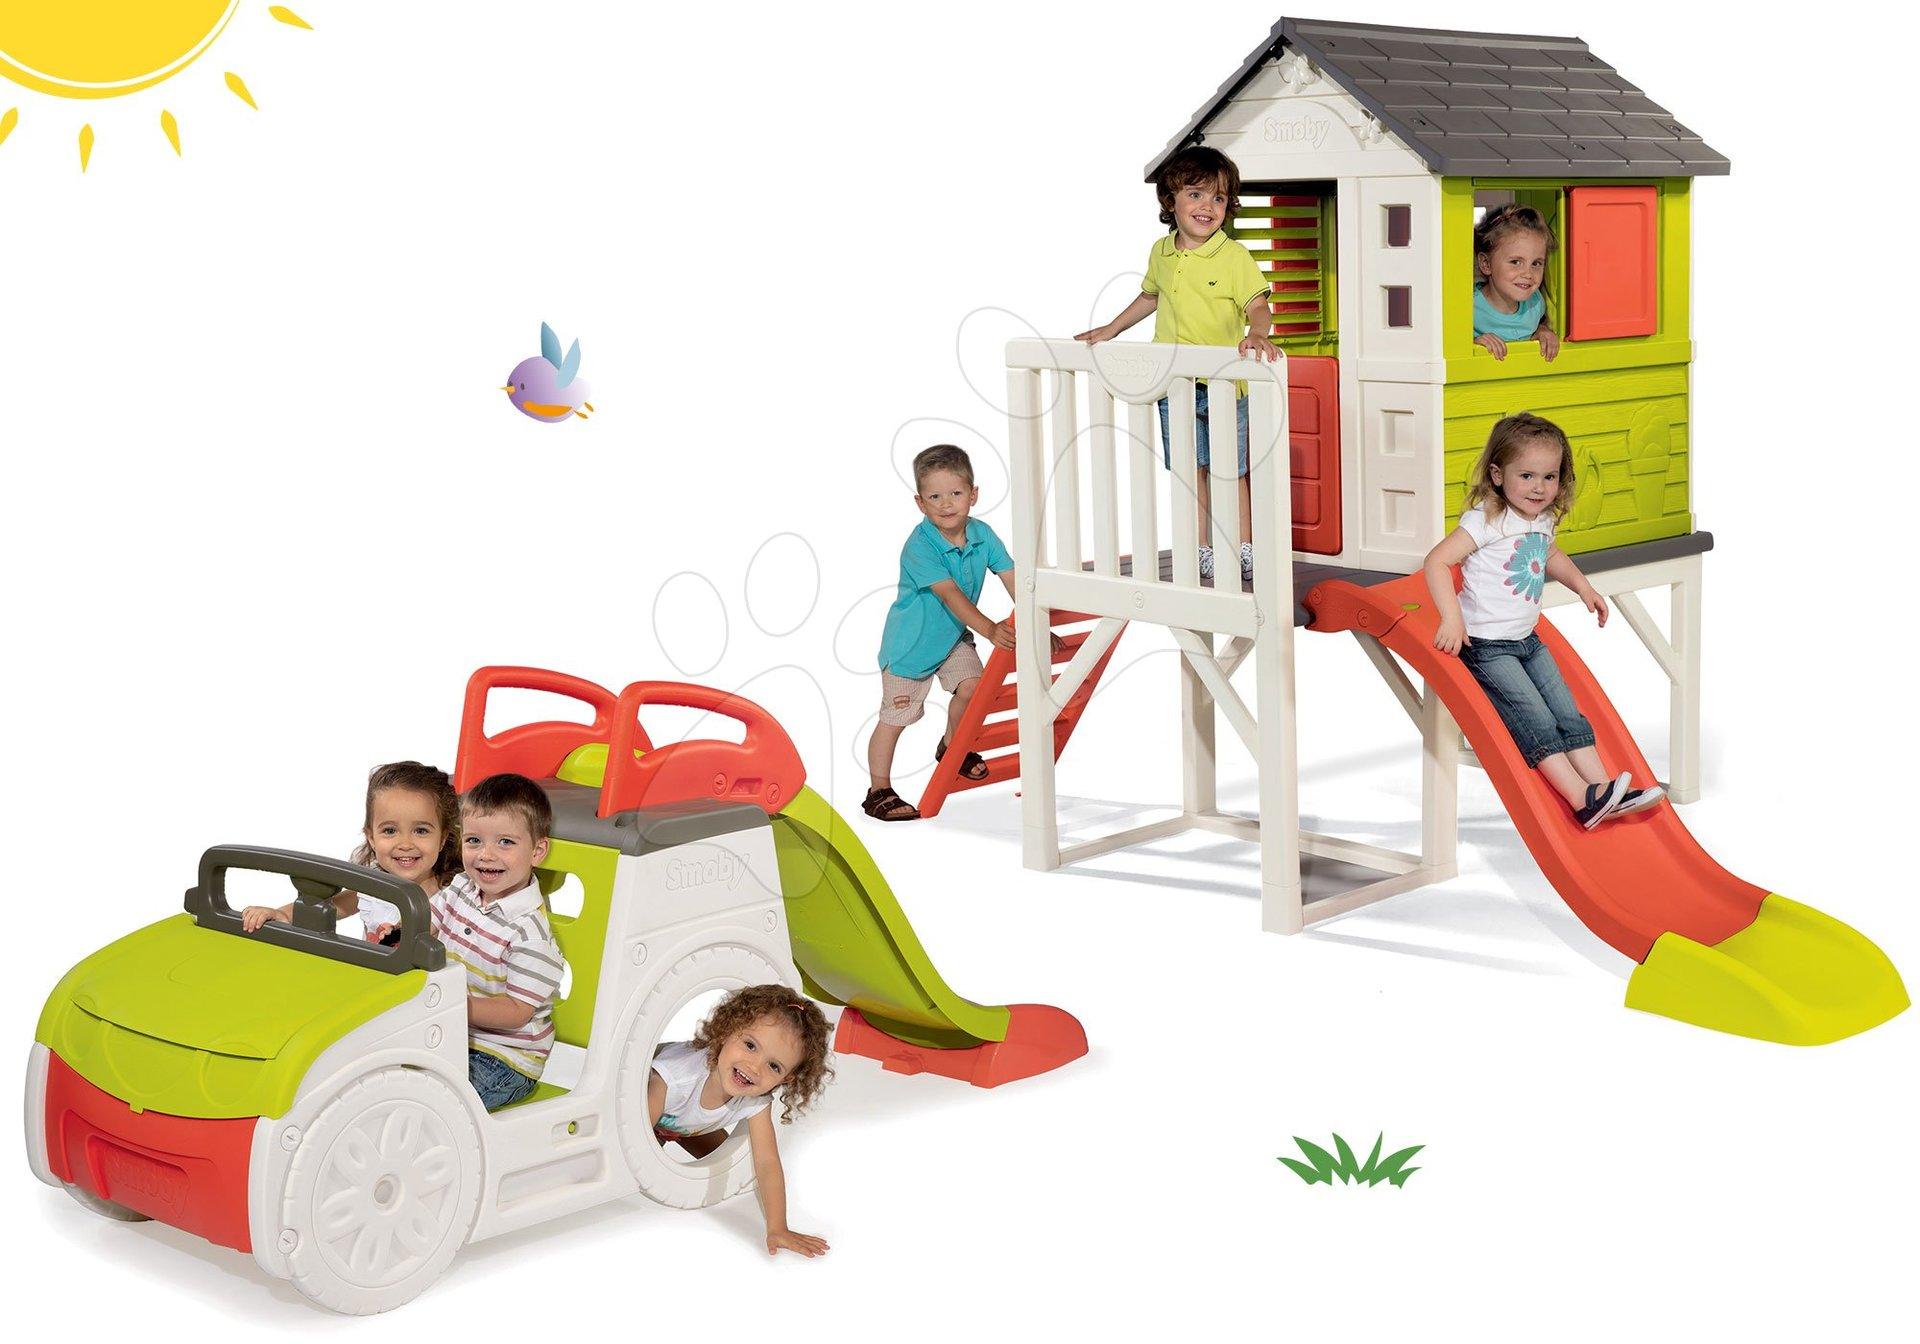 Smoby set dětský domeček na pilířích Pilings House s 1,5 m skluzavkou a prolézačka Adventure Car 810800-4